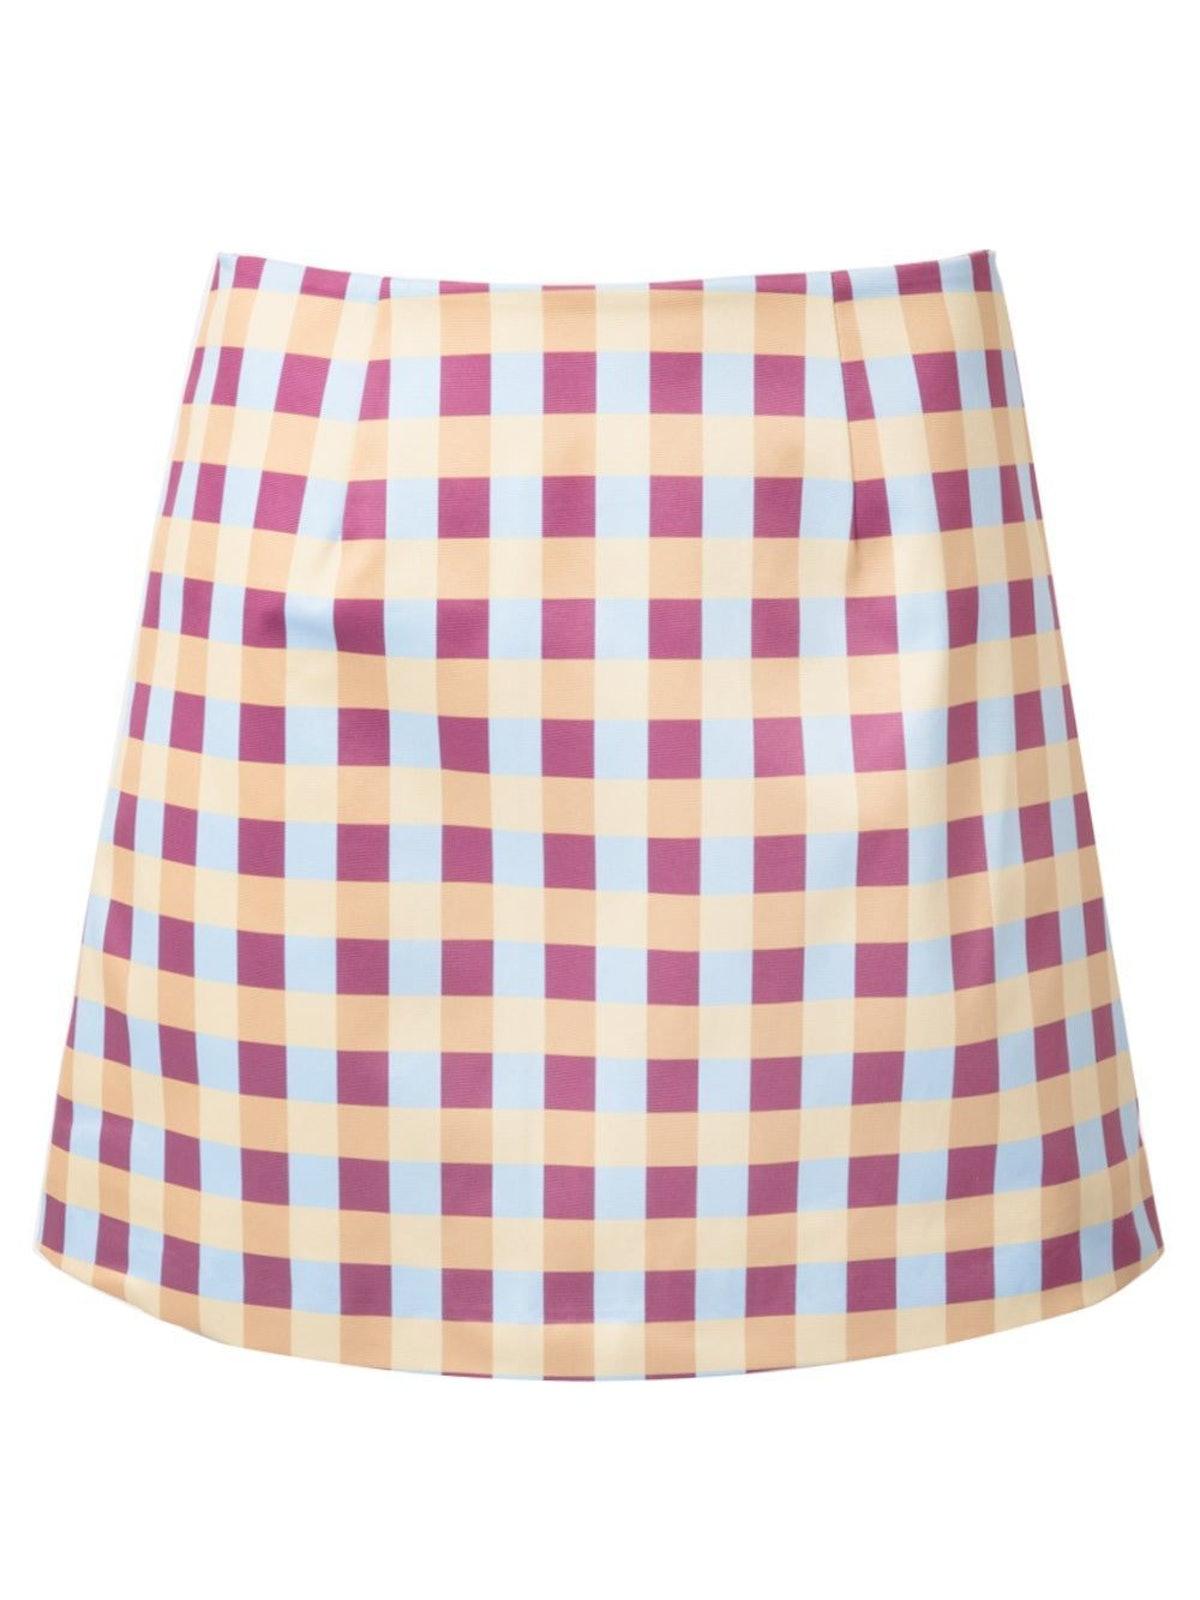 Multi Citadelle Skirt